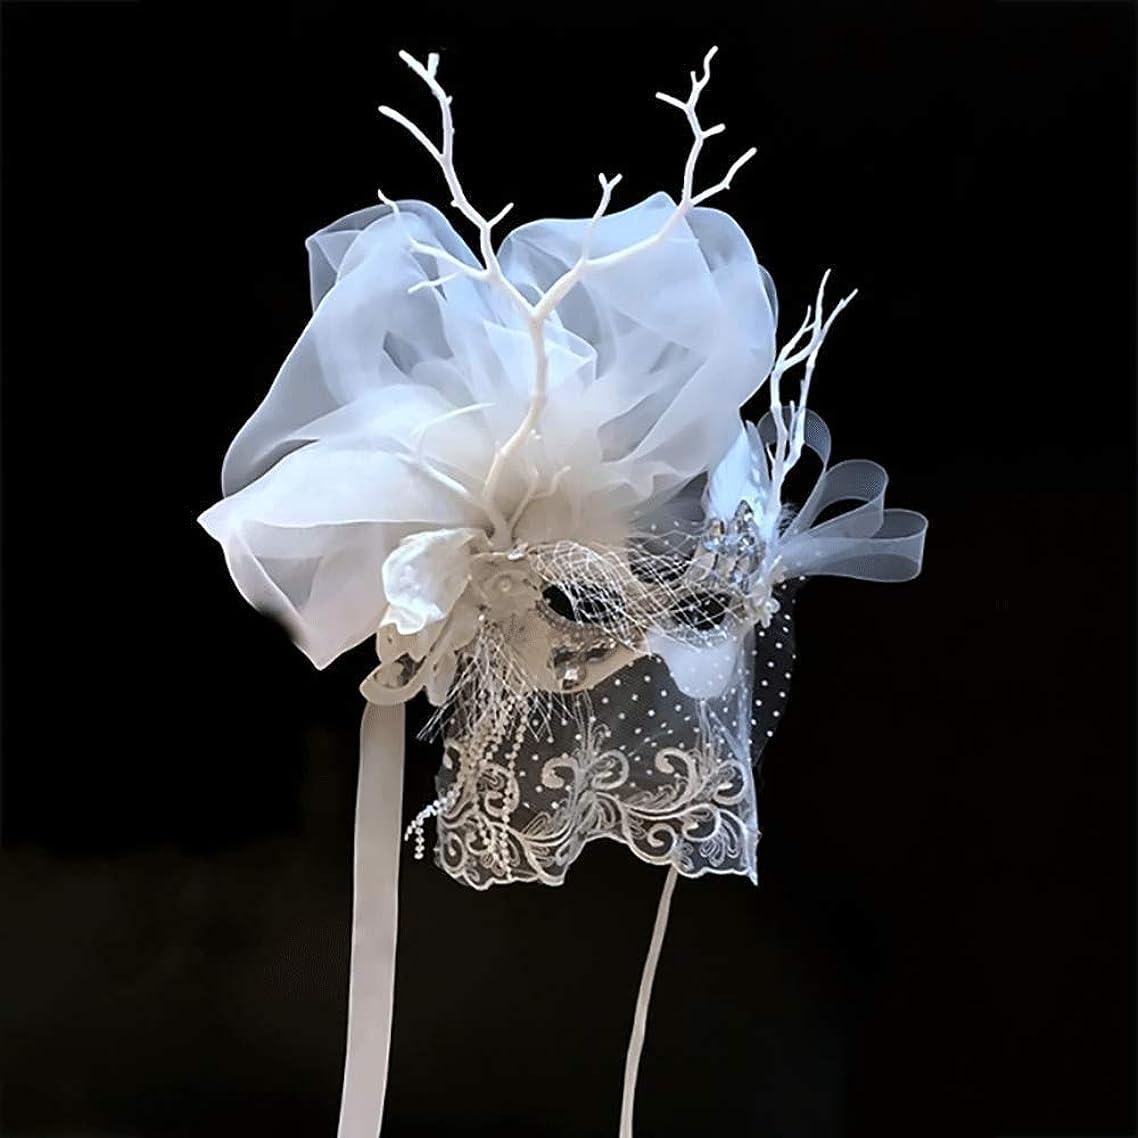 驚くばかり哺乳類お誕生日Nanle ハロウィンラグジュアリーマスカレードマスクメタルラインストーンイブニングパーティーVenetian Mardi Gras Party Mask (色 : 白)